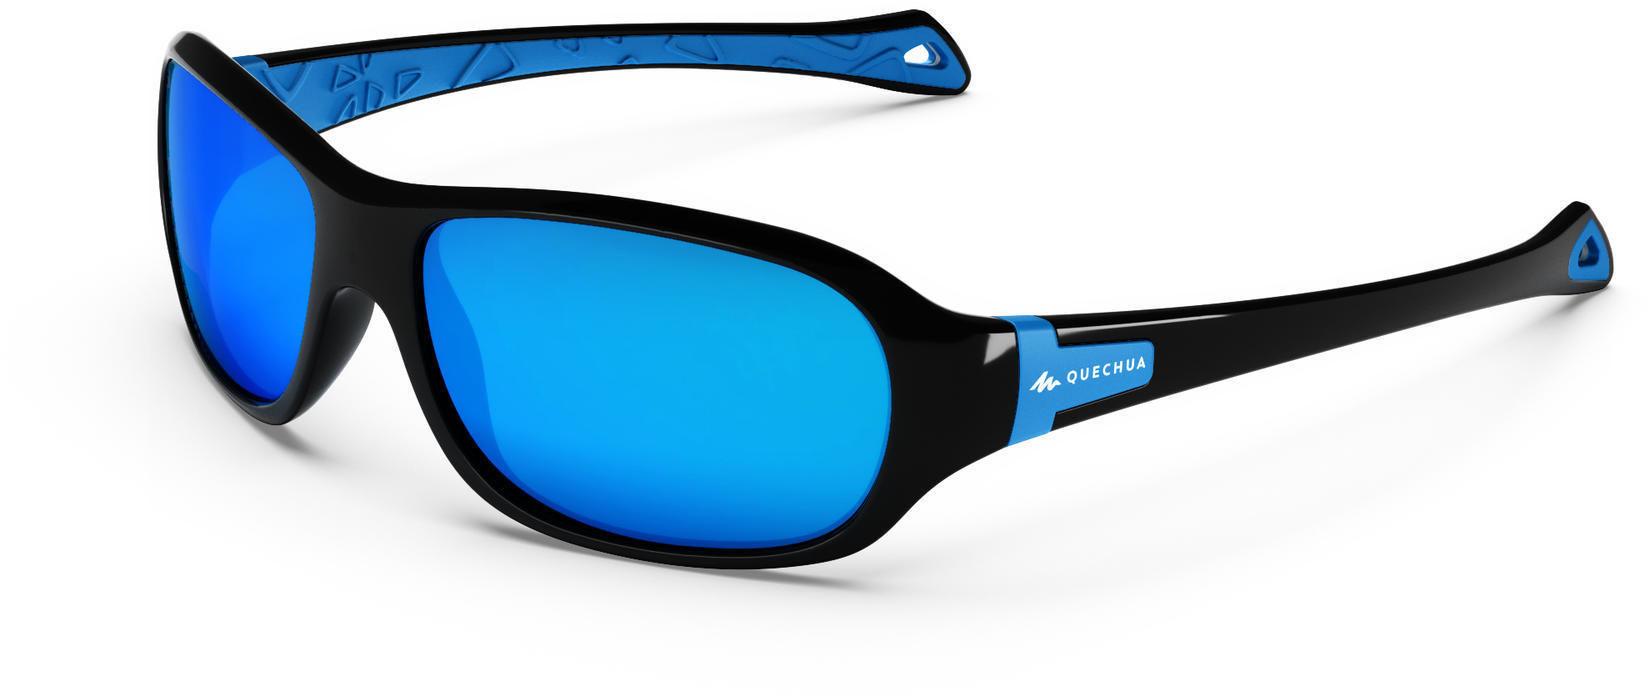 Okulary przeciwsłoneczne - MH T500 - dla dzieci 6-10 lat - polaryzacyjne kat. 4